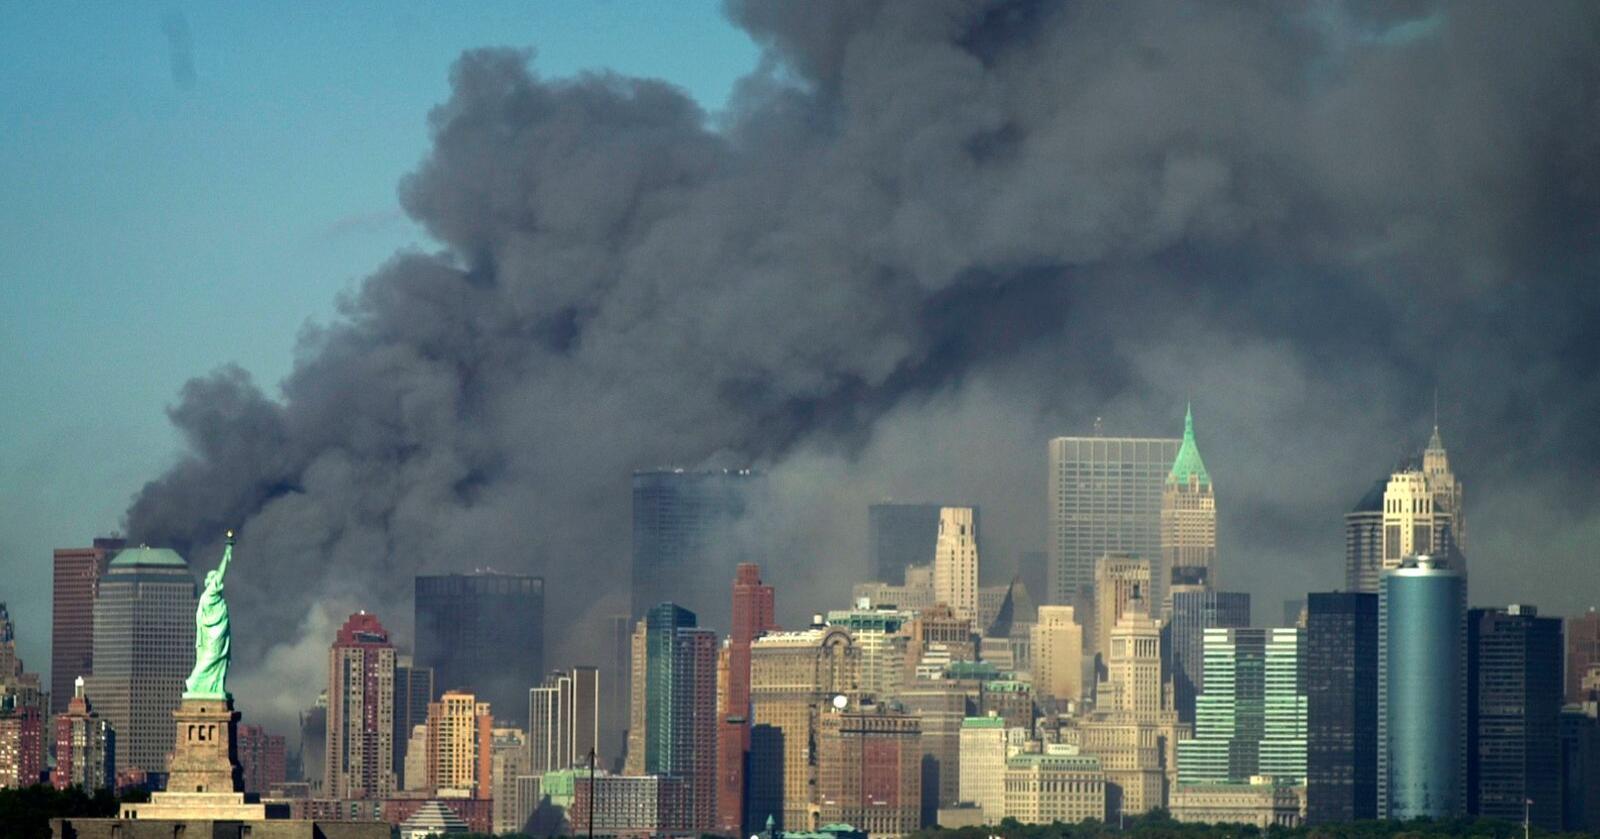 Røyken velter opp fra området der World Trade Center sto i New York, tirsdag 11. september 2001. Foto: AP Photo / Daniel Hulshizer / NTB